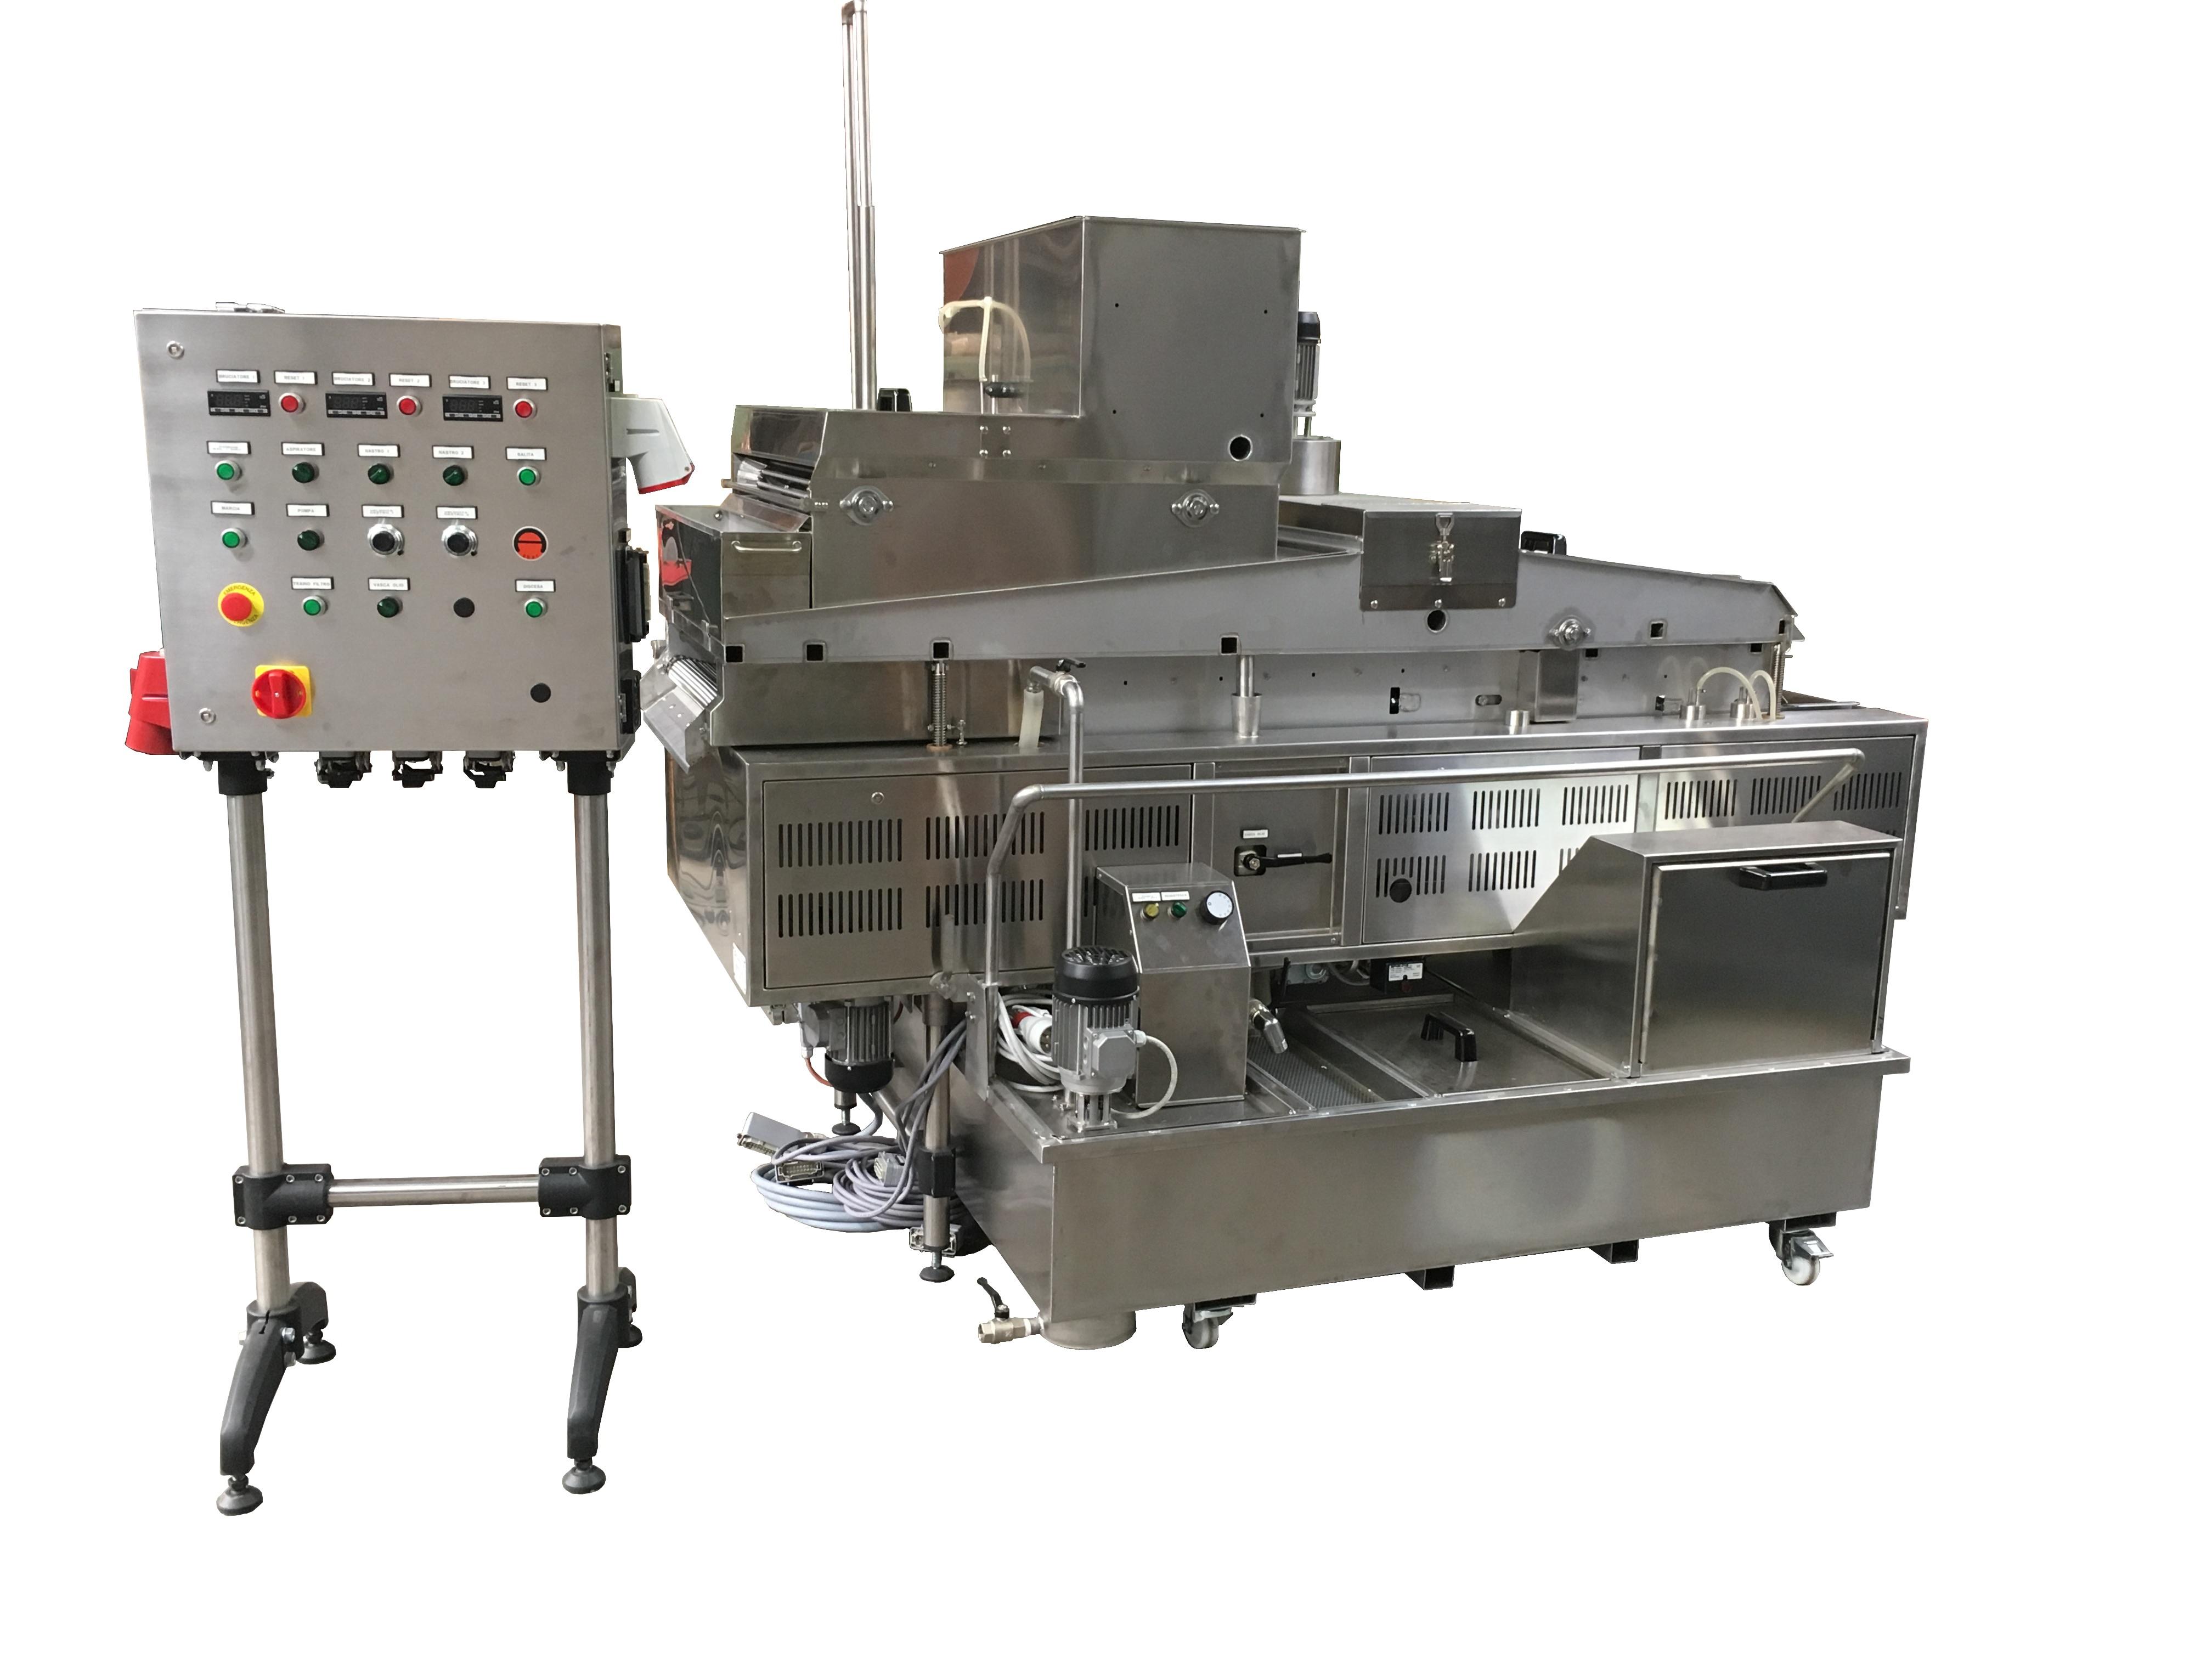 Фритюрница для обжарки орехов в оболочке